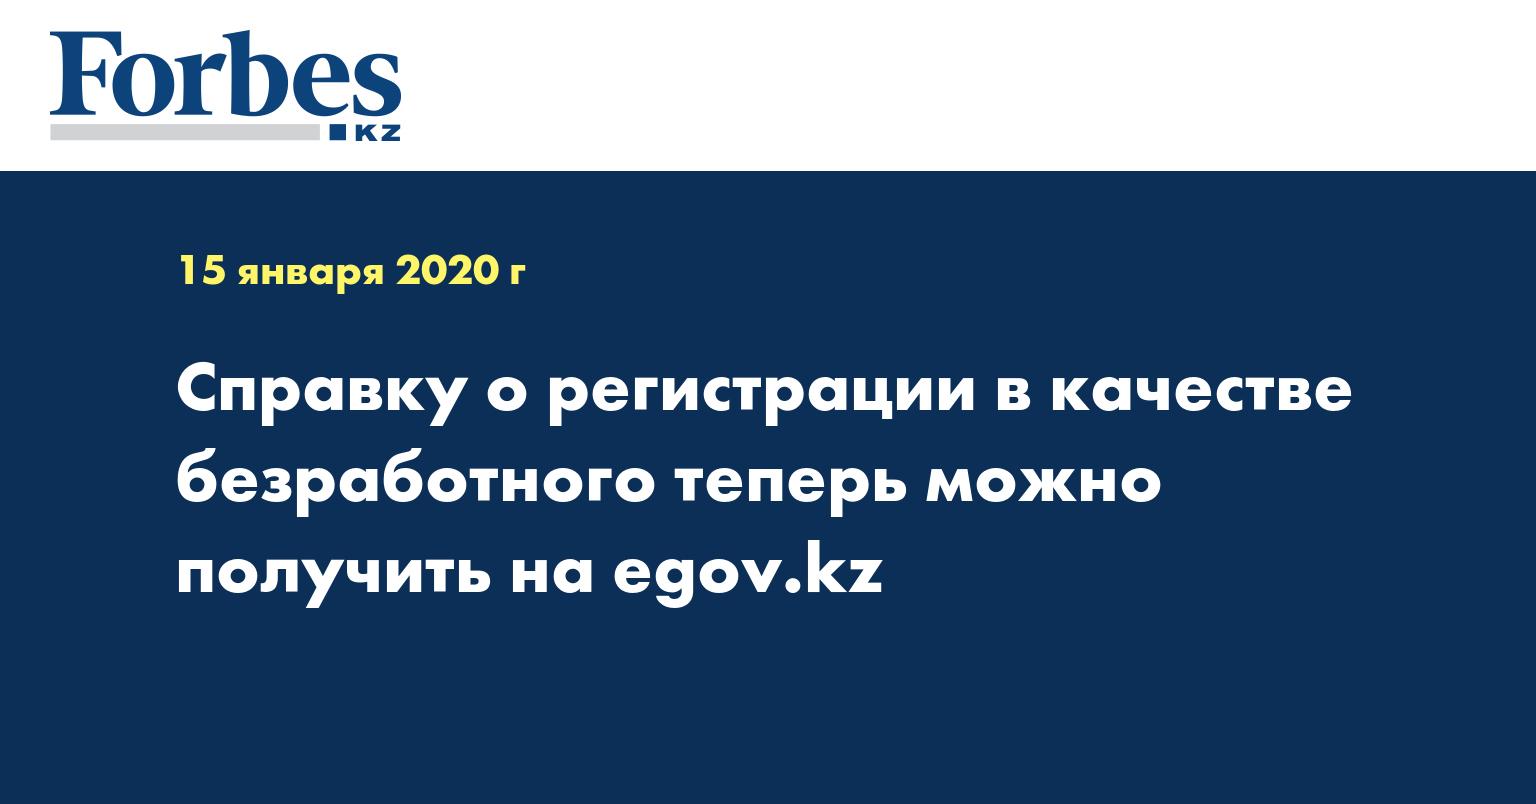 Справку о регистрации в качестве безработного теперь можно получить на egov.kz